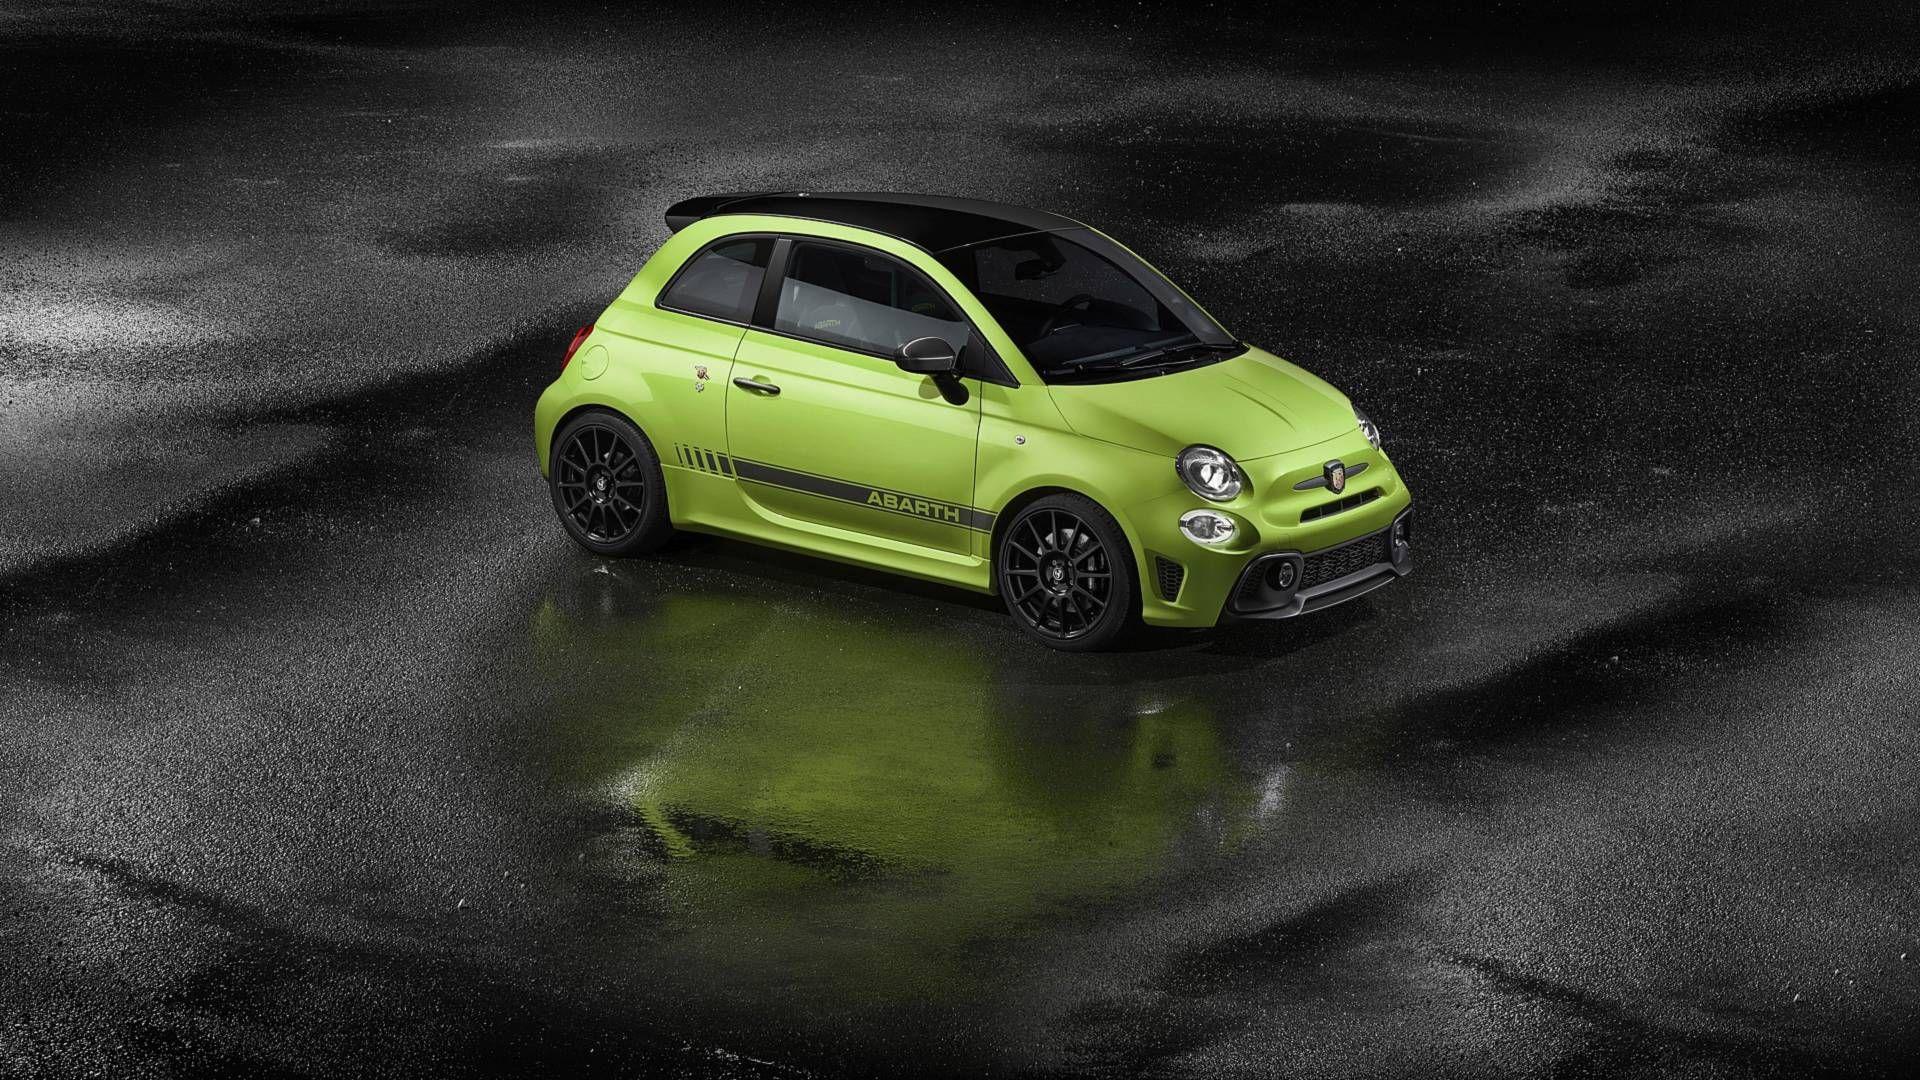 2020 Fiat Abarth 595 Pista